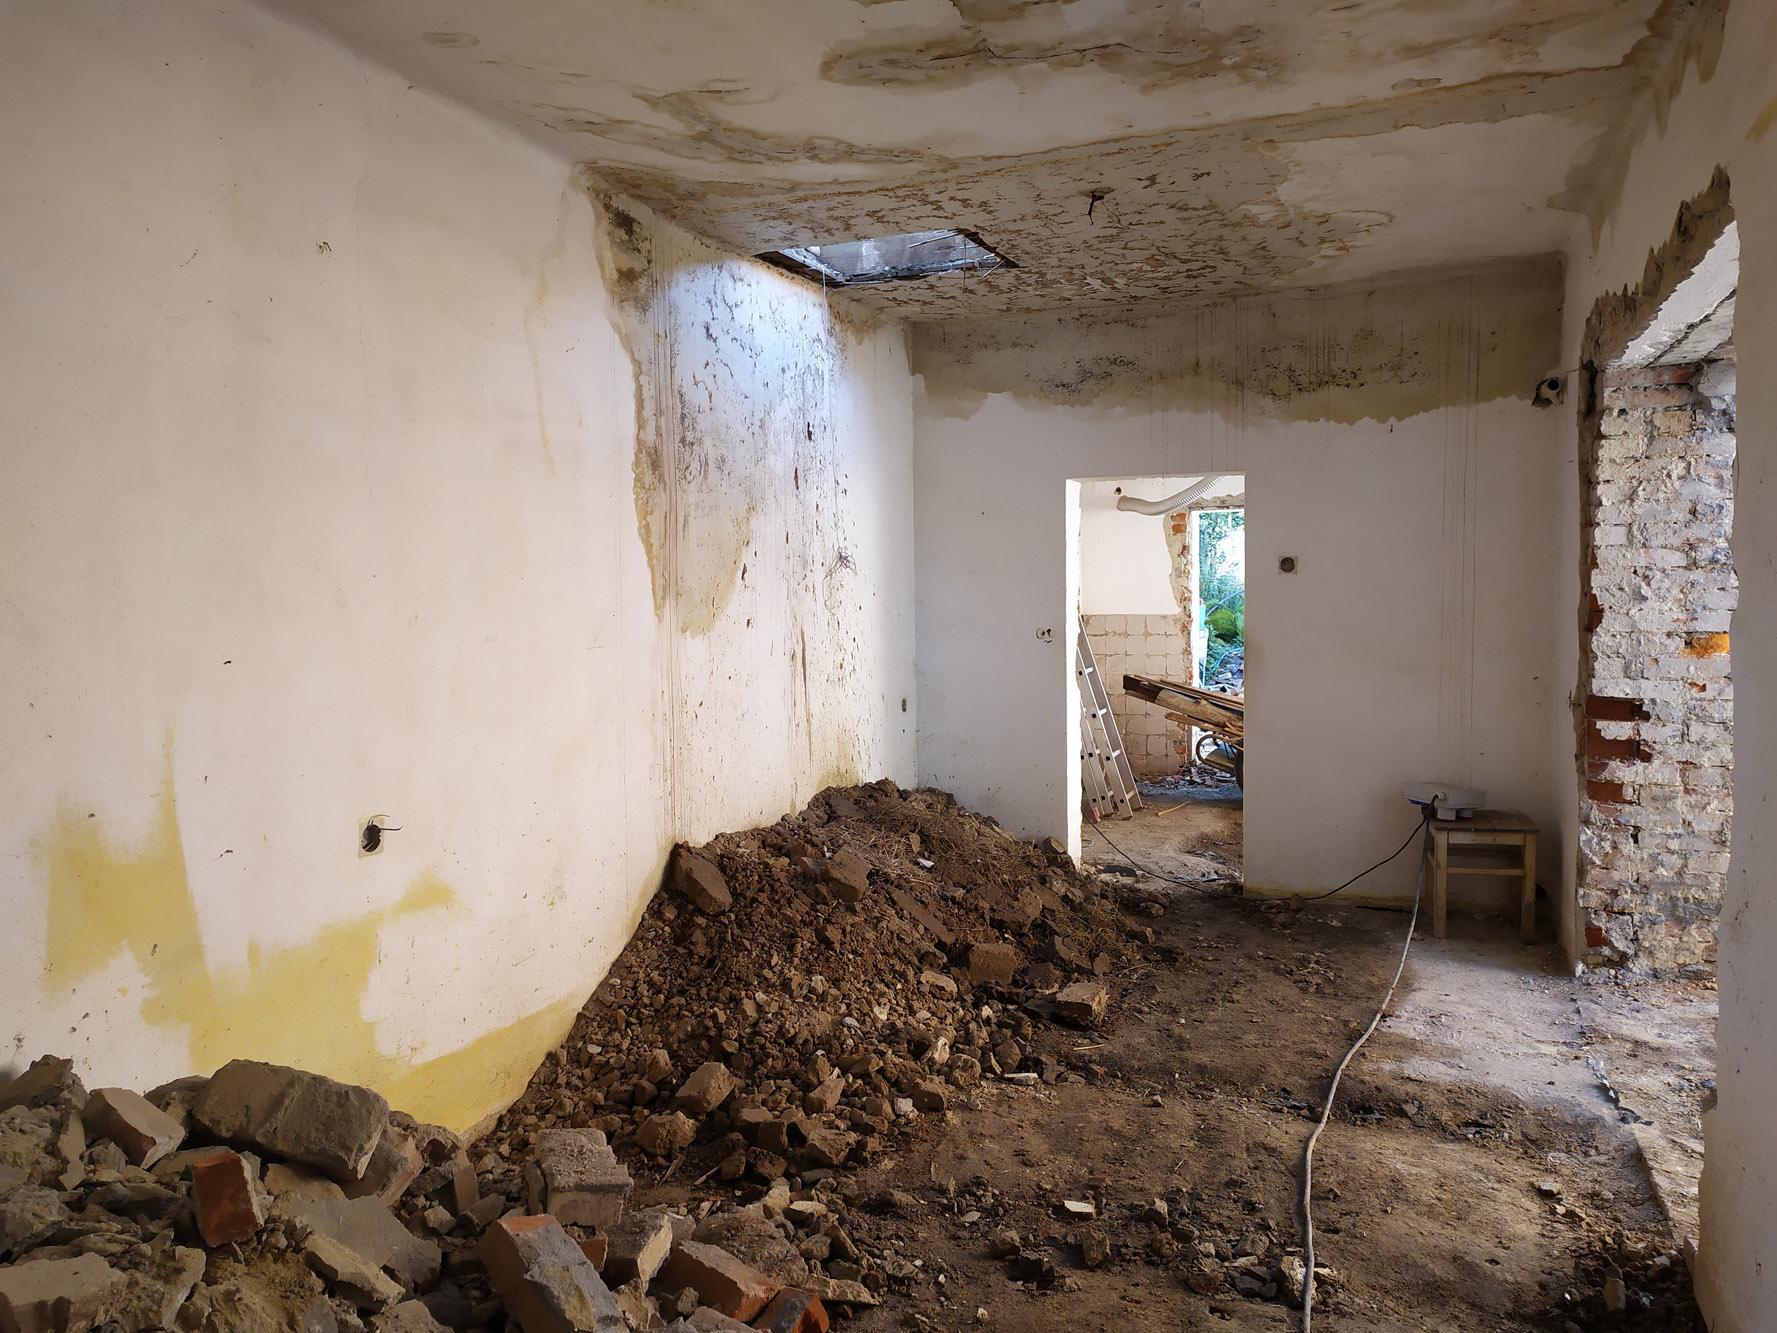 Bourání staré a stavba nové řadovky - Srpen 2020. Odpad se hromadí už i vevnitř